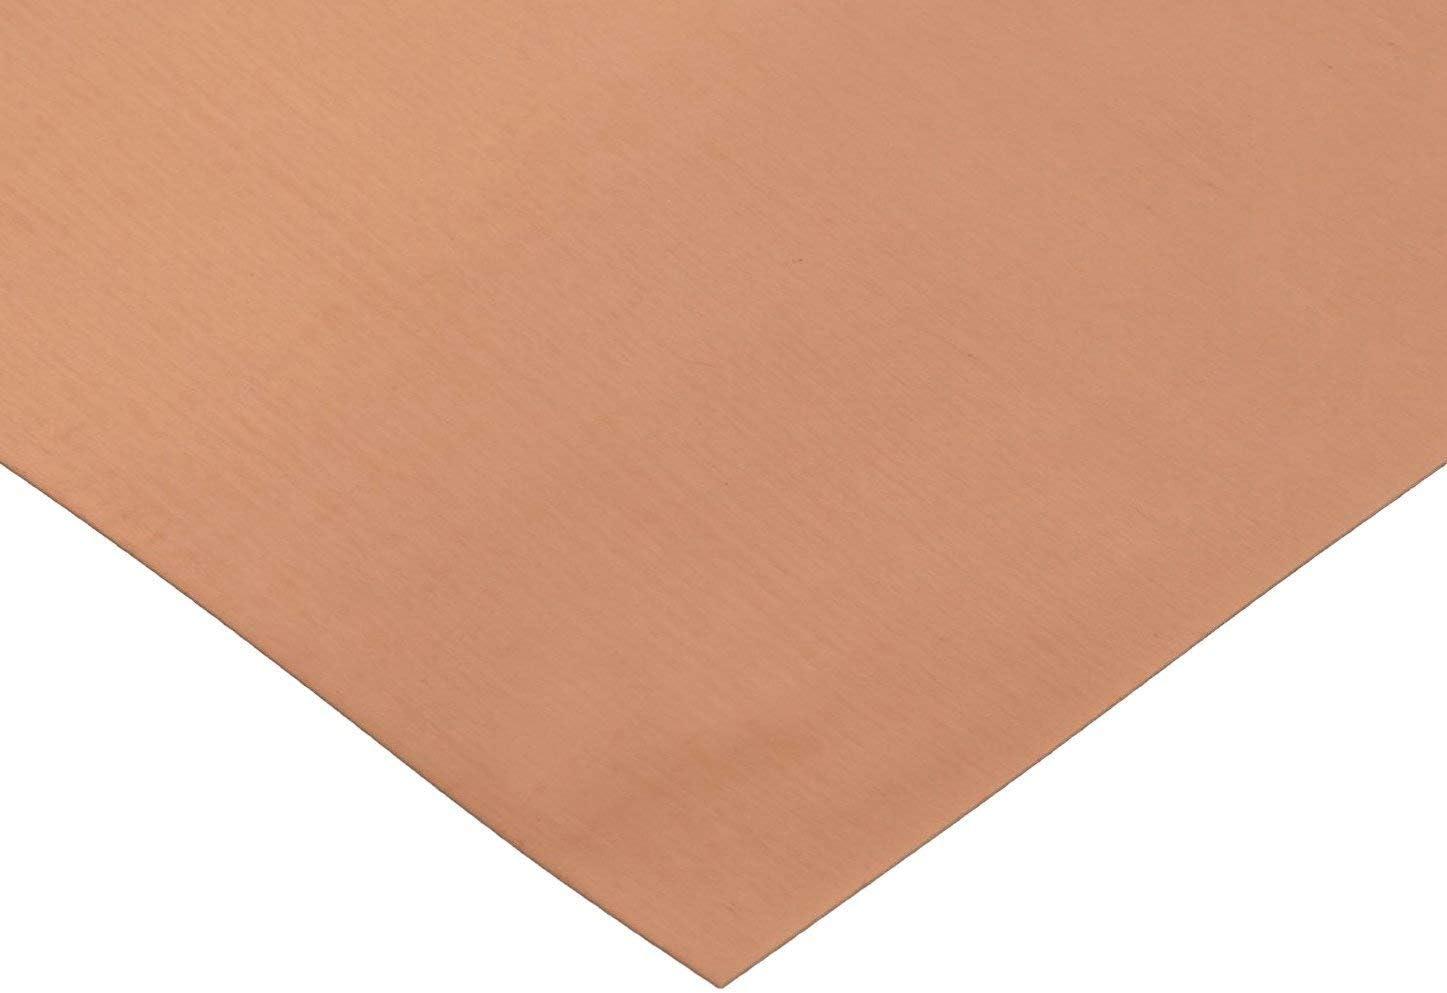 XMRISE Kupferplatte aus reinem Kupfer T2 K/ühlung Metallblech 0,1 x 305 x 500 mm Kupferfolie industrielle Materialien 305 x 500 mm